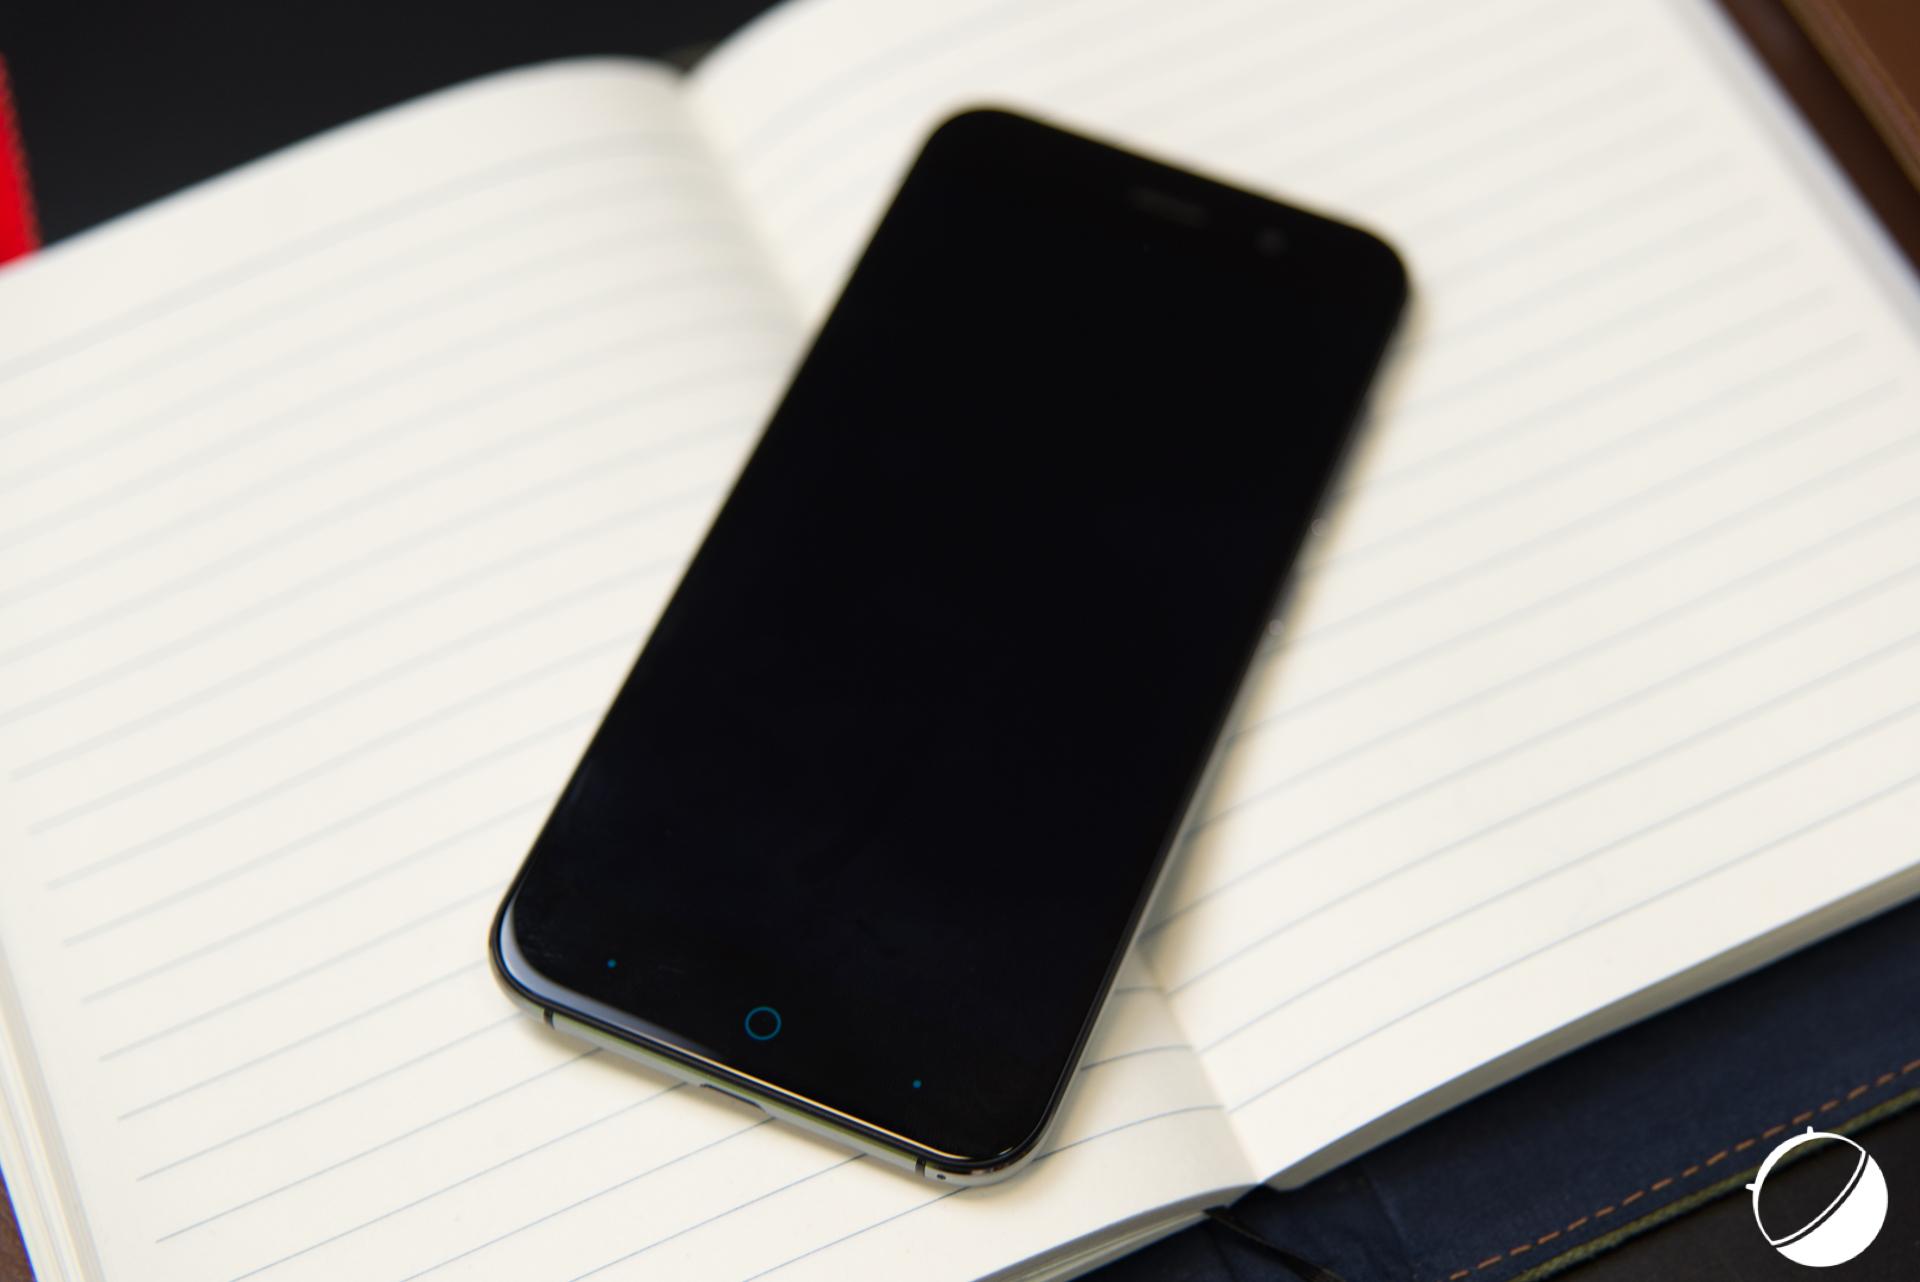 test zte blade v6 notre avis complet smartphones. Black Bedroom Furniture Sets. Home Design Ideas